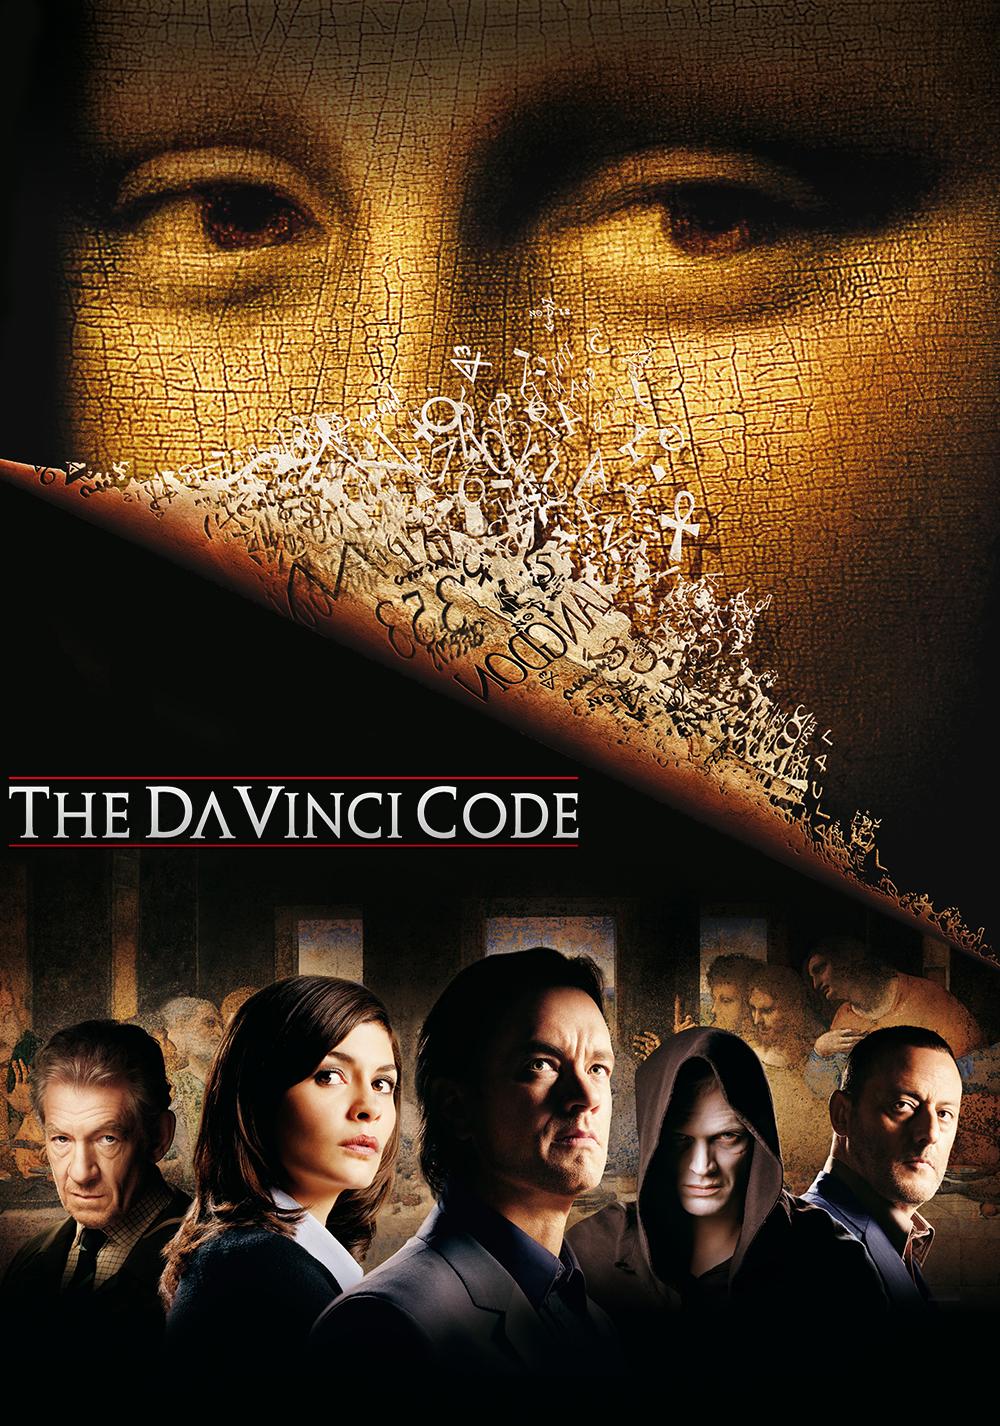 THE DA VINCI CODE (2006) MOVIE TAMIL DUBBED HD